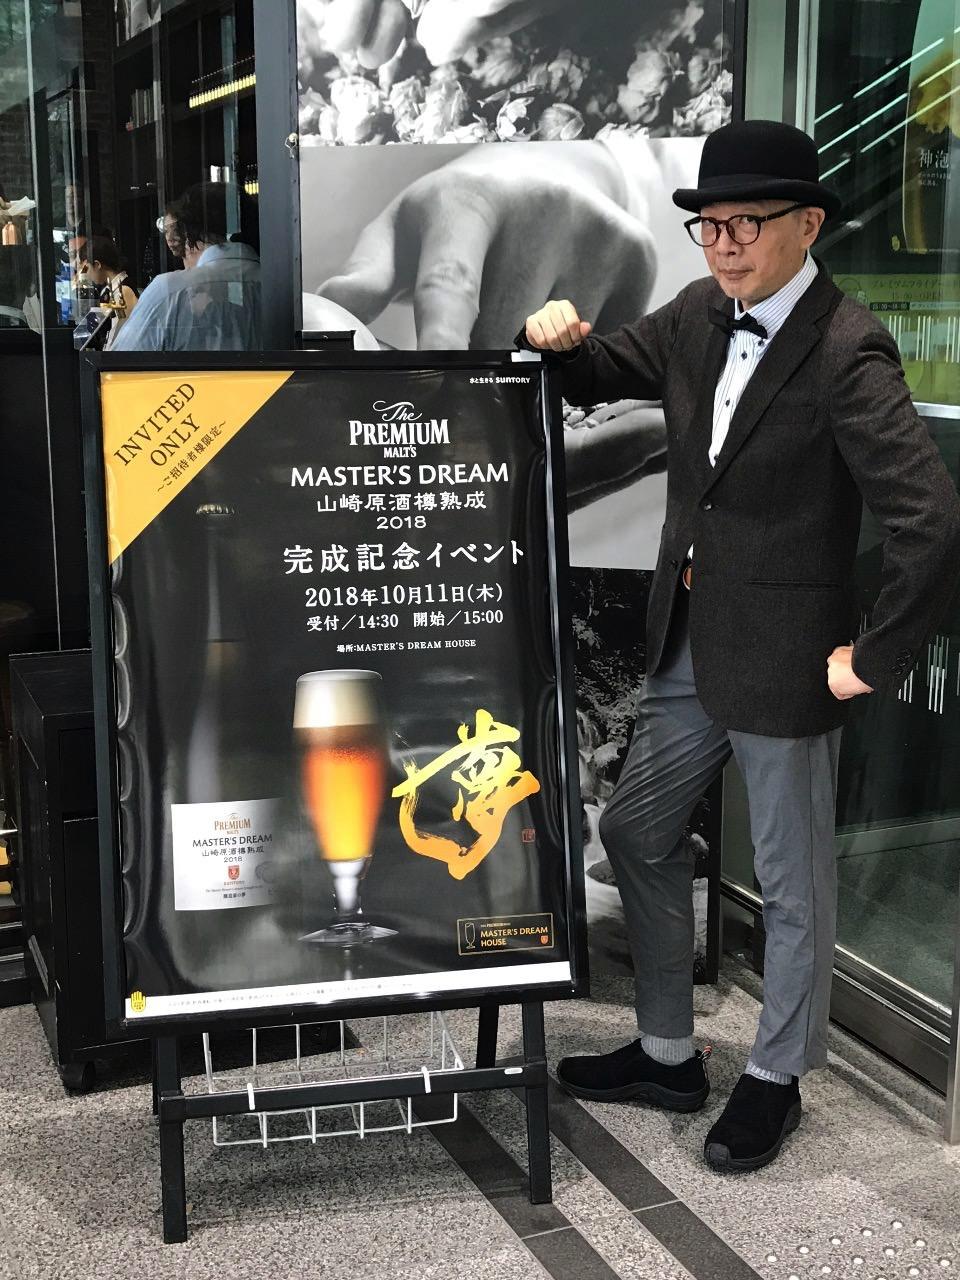 【プレモル】「マスターズドリーム 山崎原酒樽熟成2018」ウイスキー樽で熟成しているからビールなのにウイスキーの味わいが‥‥する‥‥!!